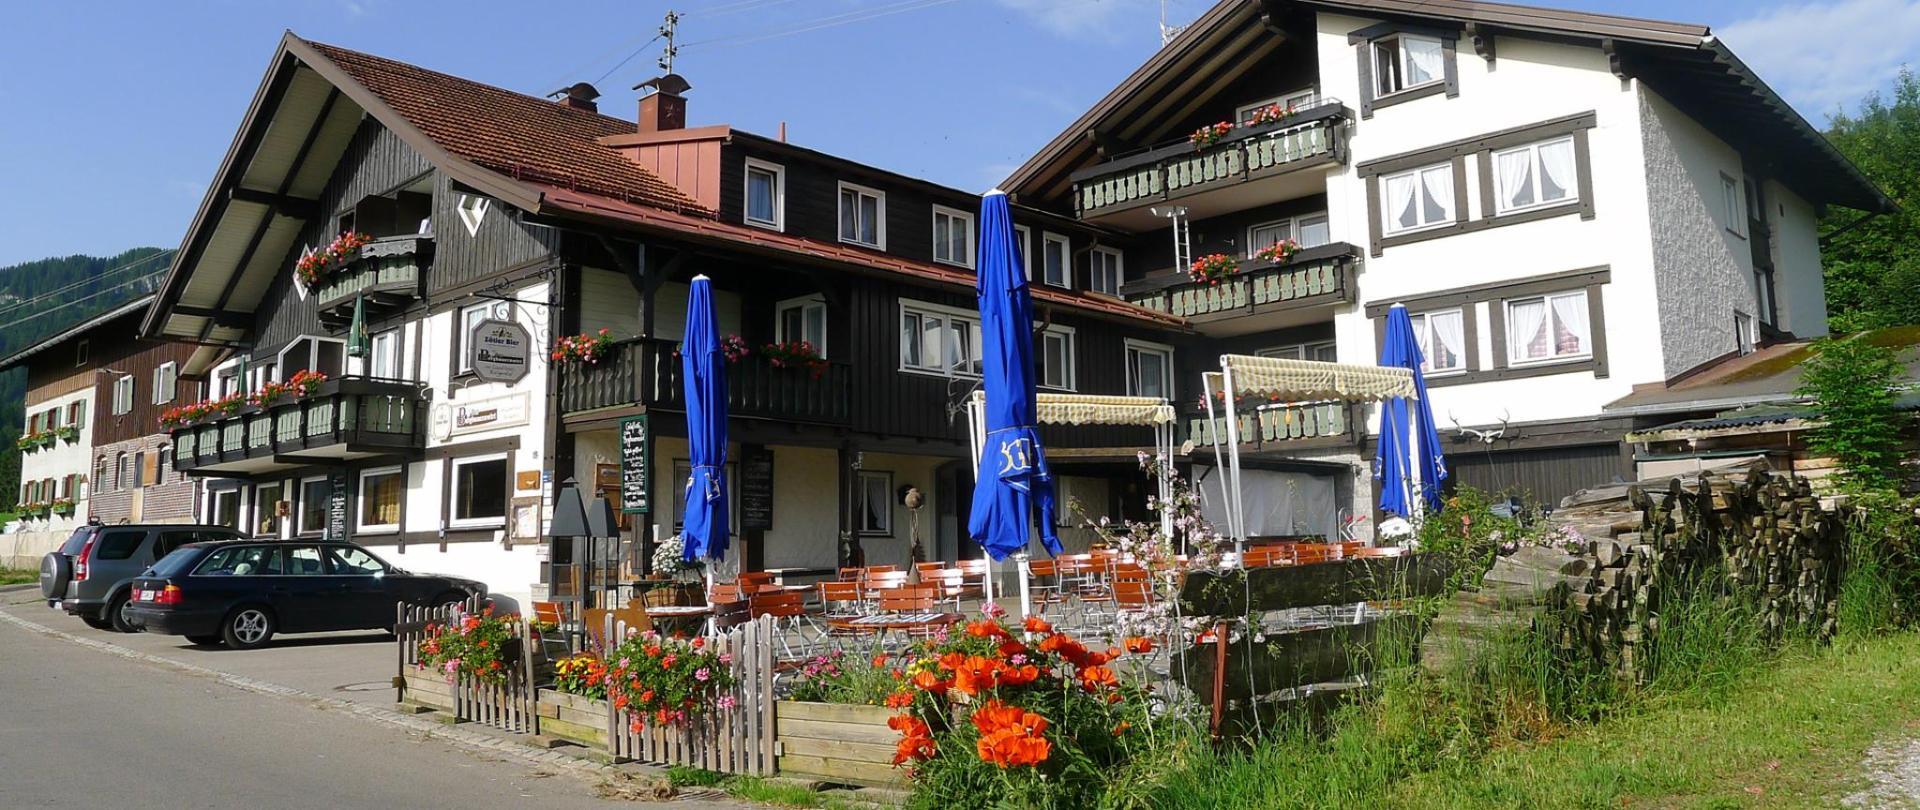 Hotel sommer mit Biergartenjpg.jpg